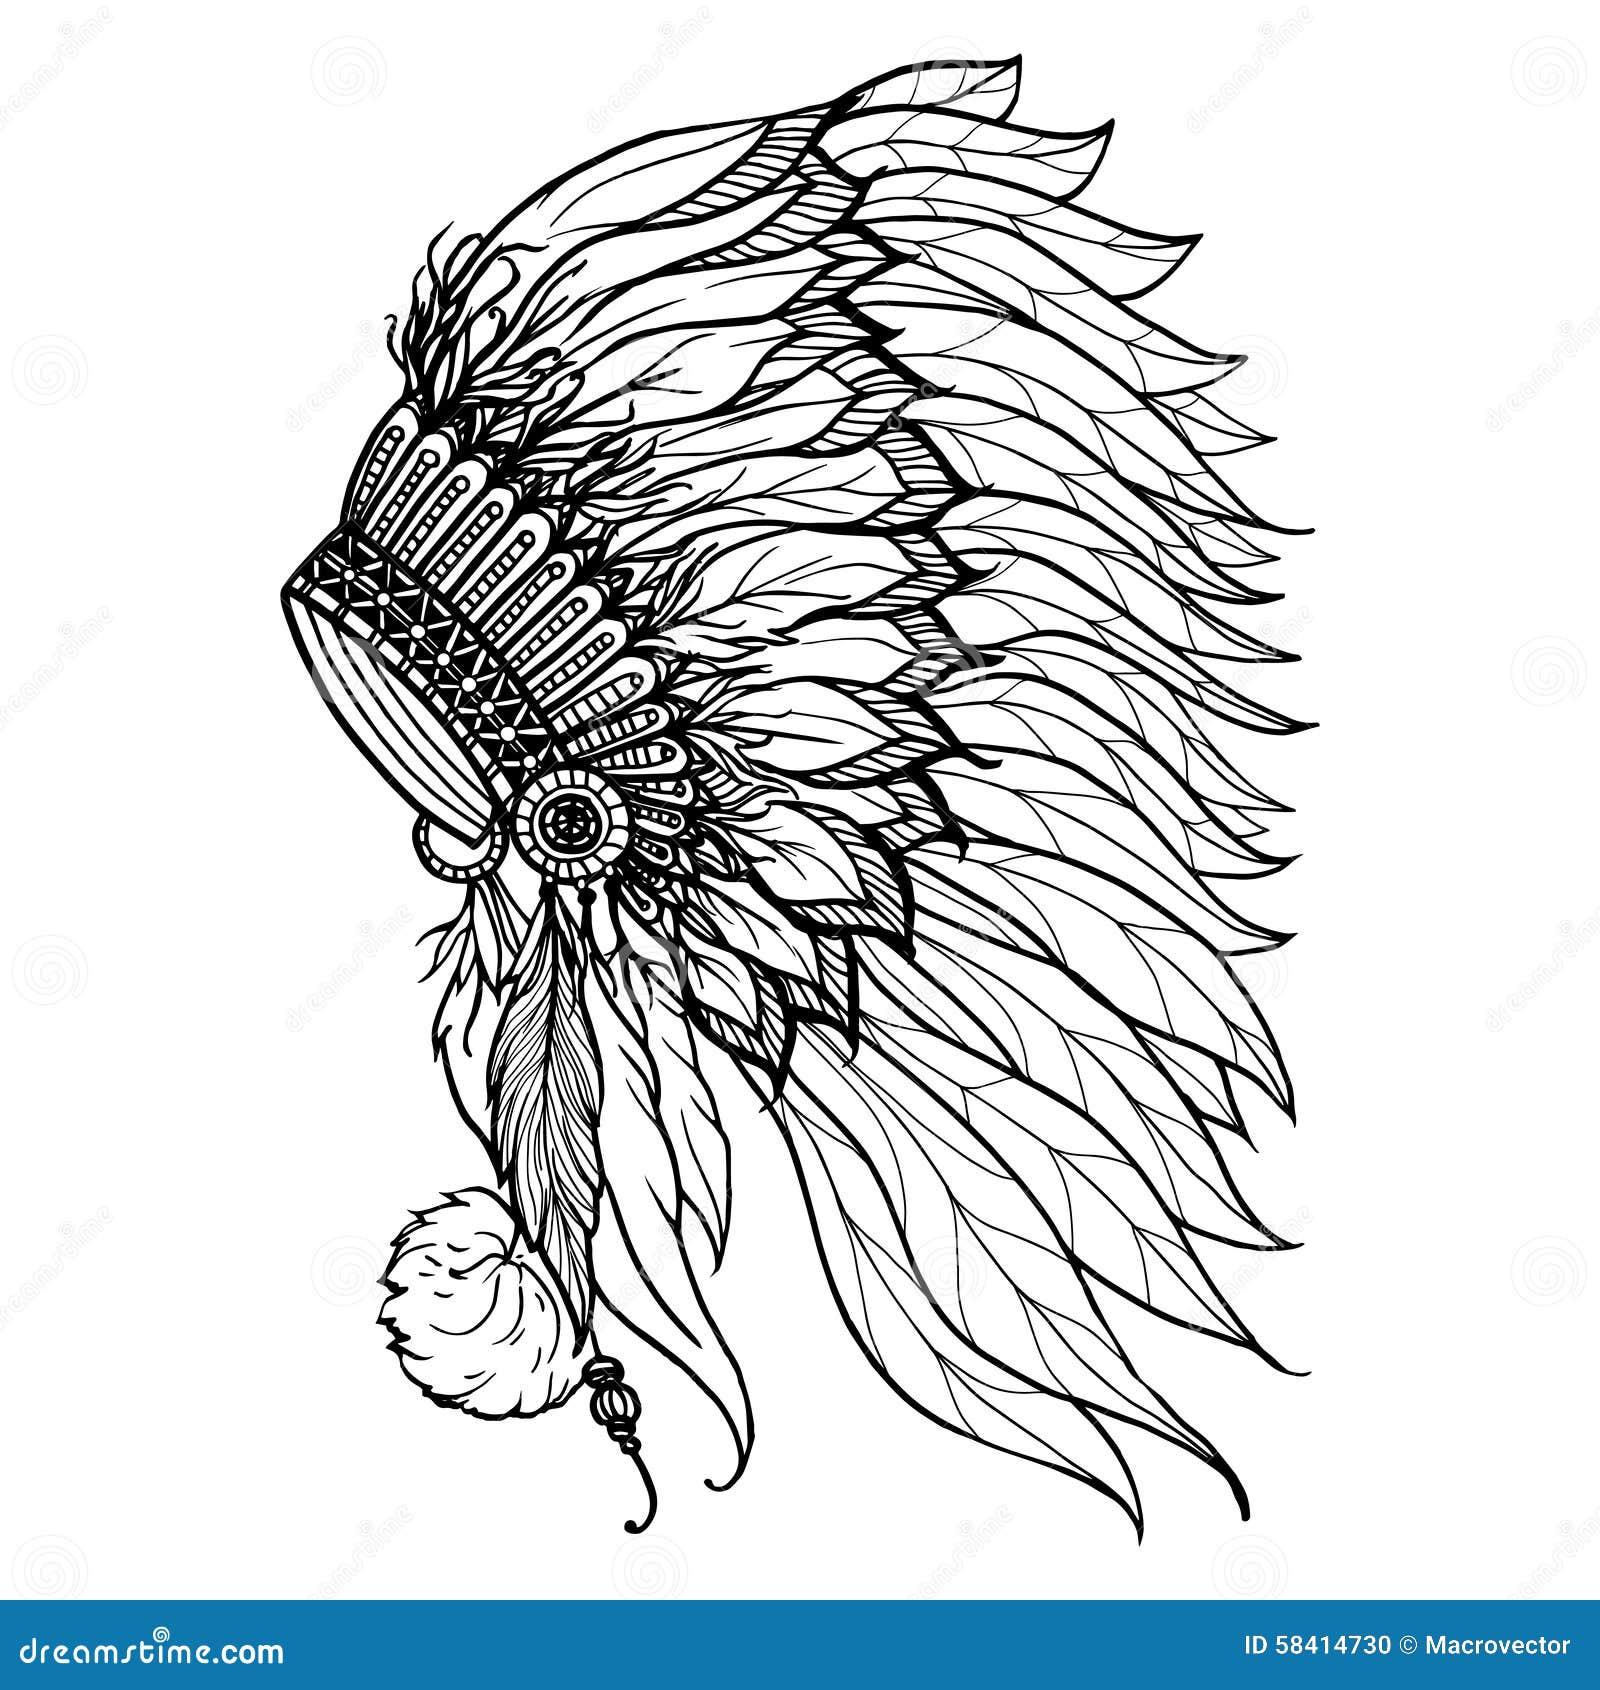 印第安酋长的乱画头饰图片